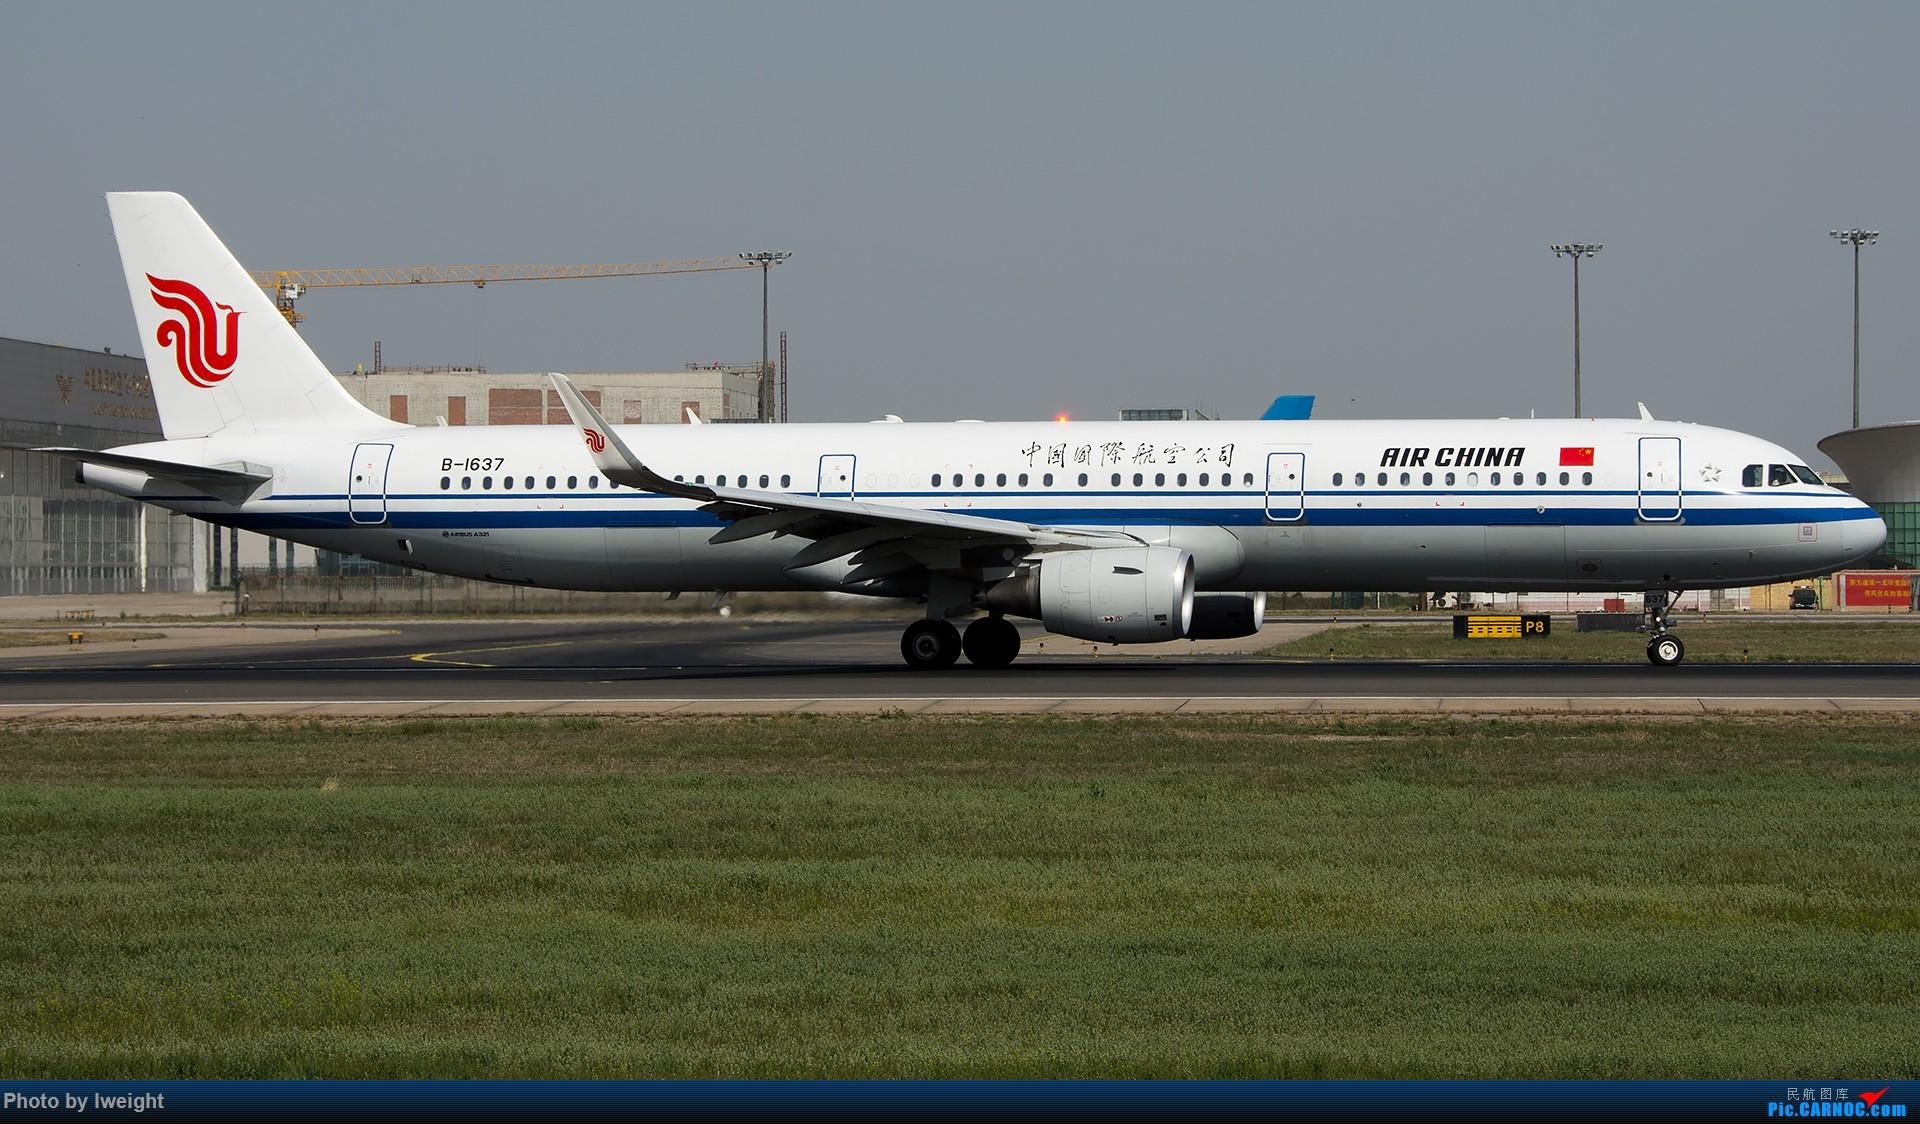 Re:[原创]天气晴朗,继续守候18R【多图】 AIRBUS A321-200 B-1637 中国北京首都国际机场